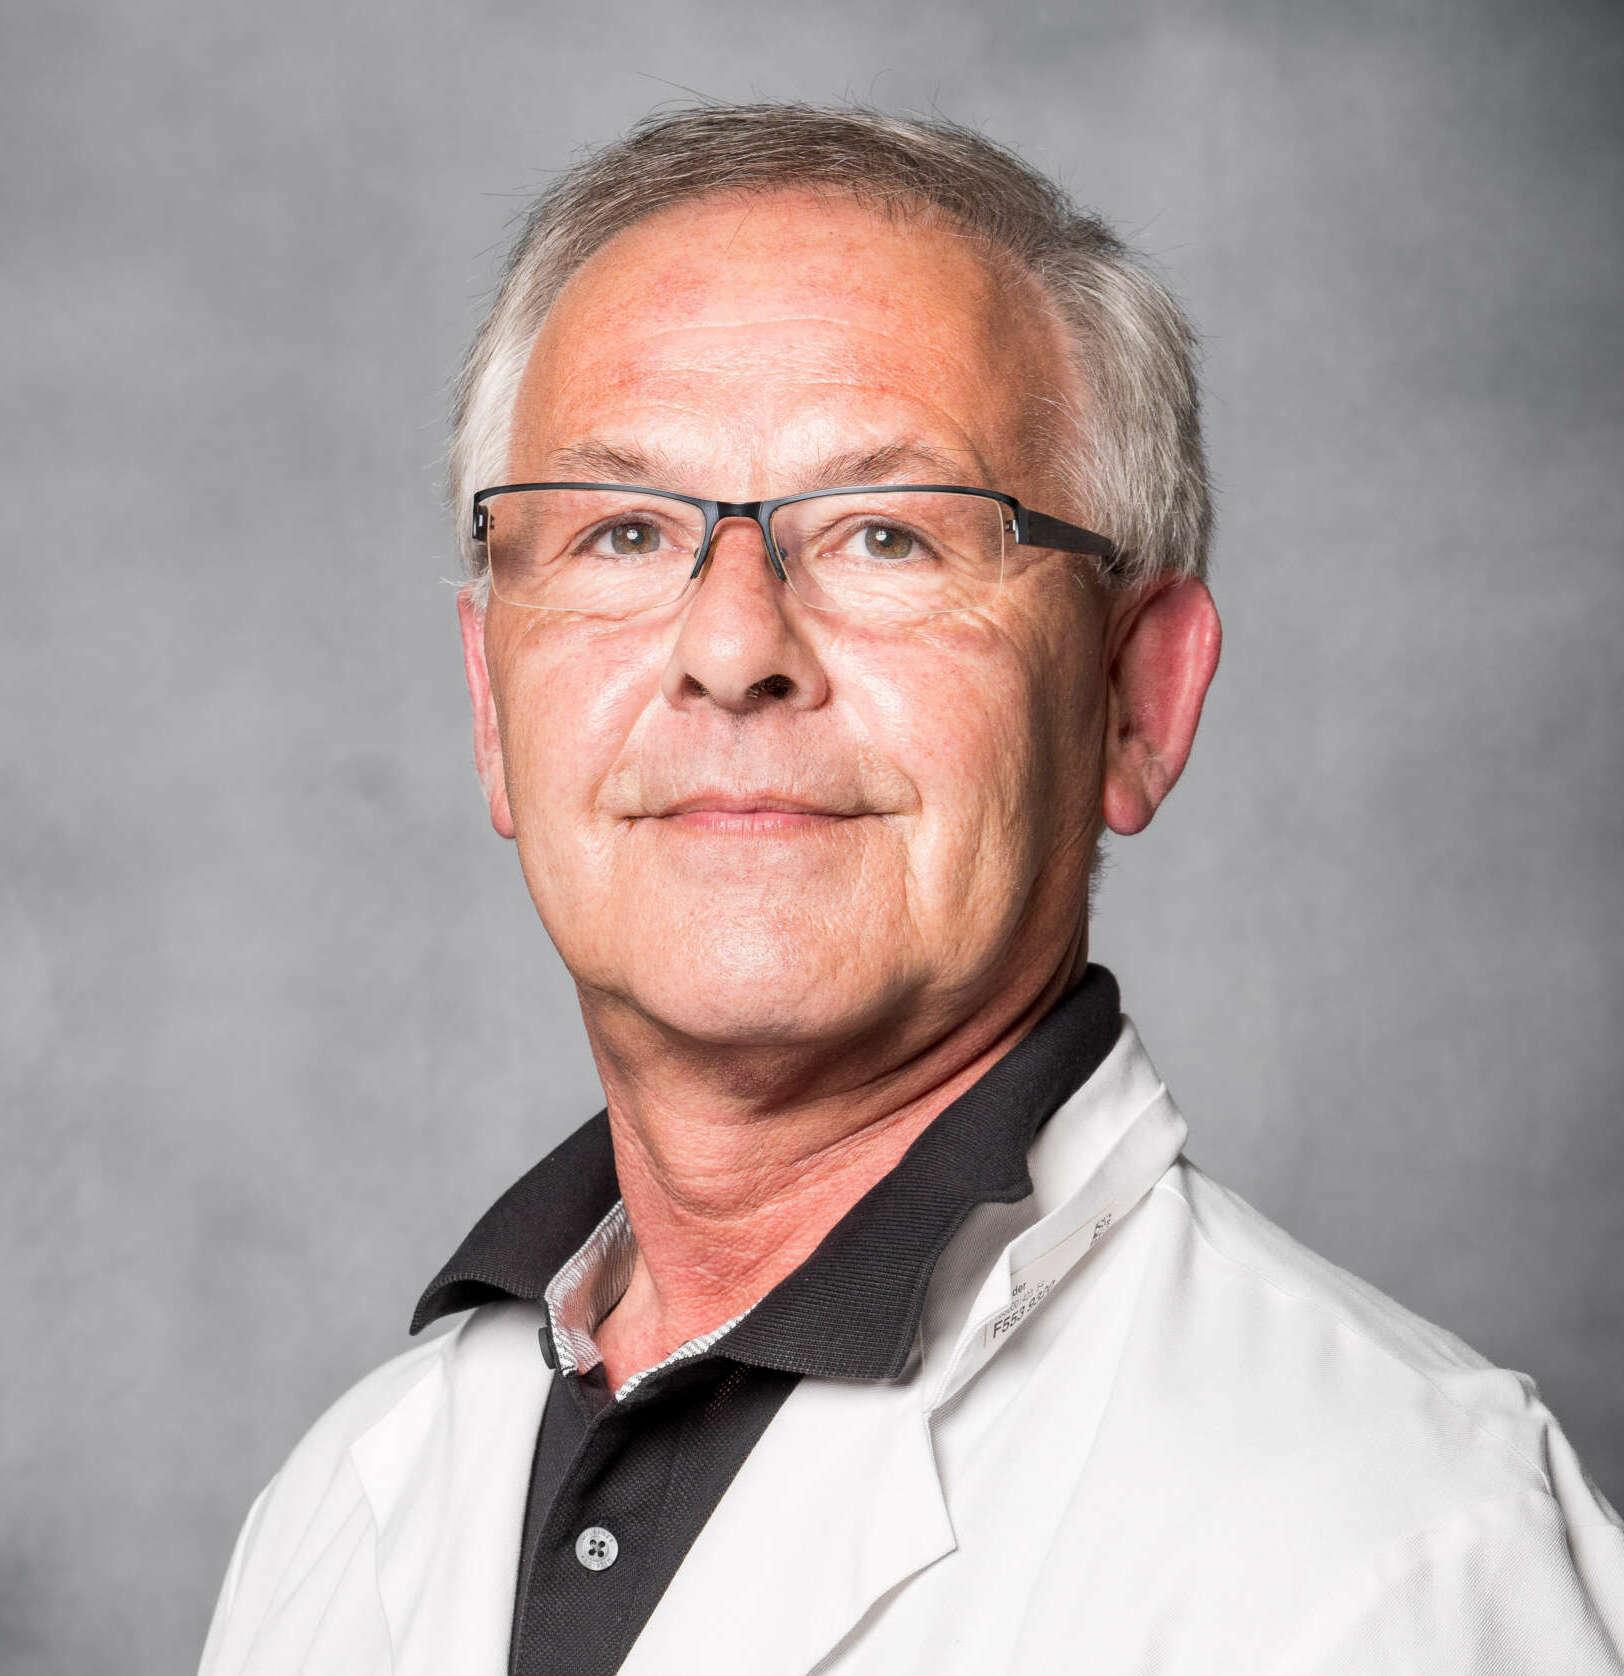 Johannes Bender, Wurstschmitz Team